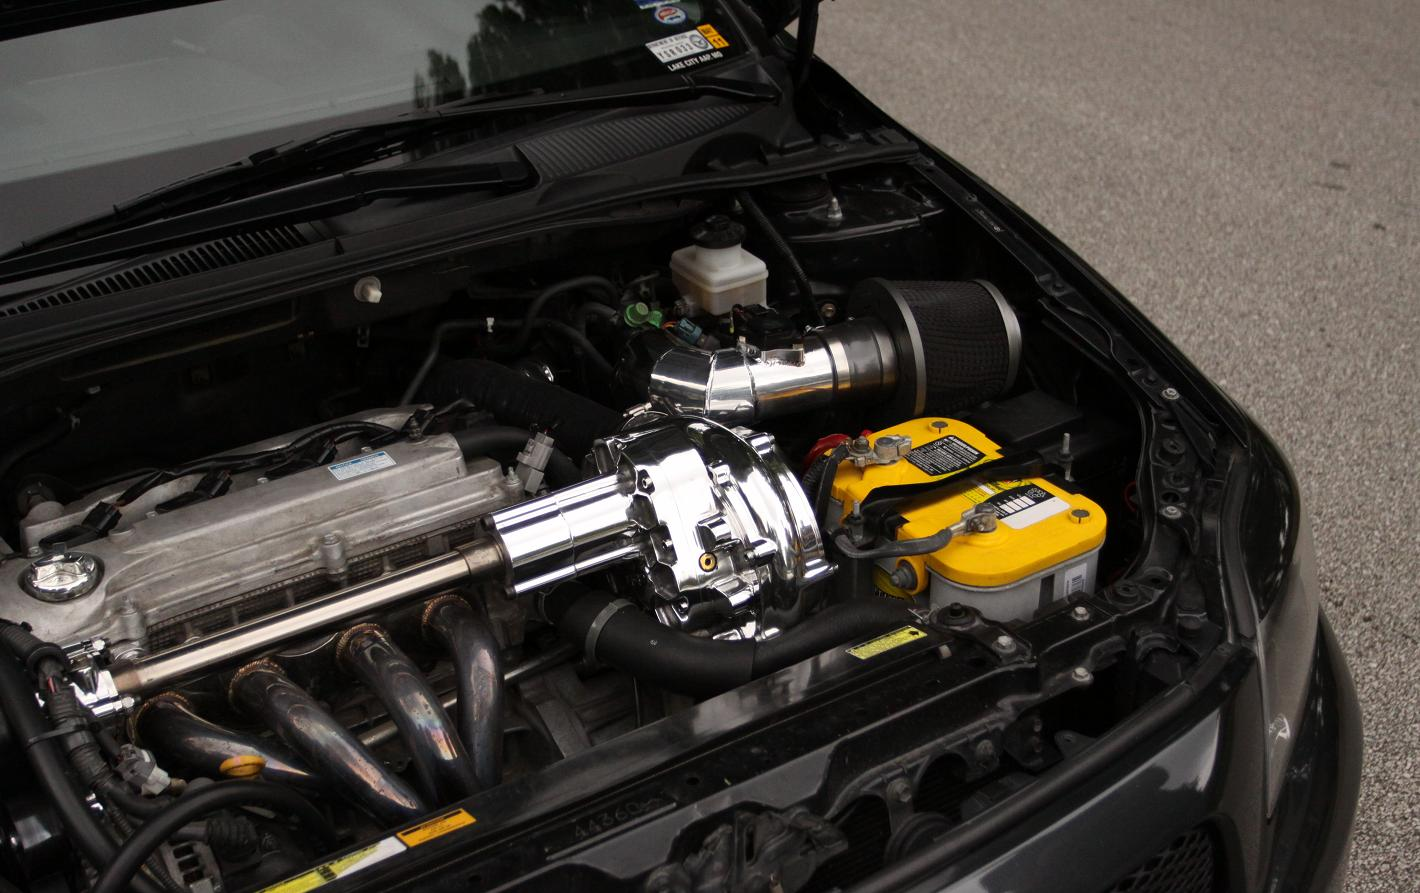 Toyota Scion Tc Customer Photos After Supercharger Metal